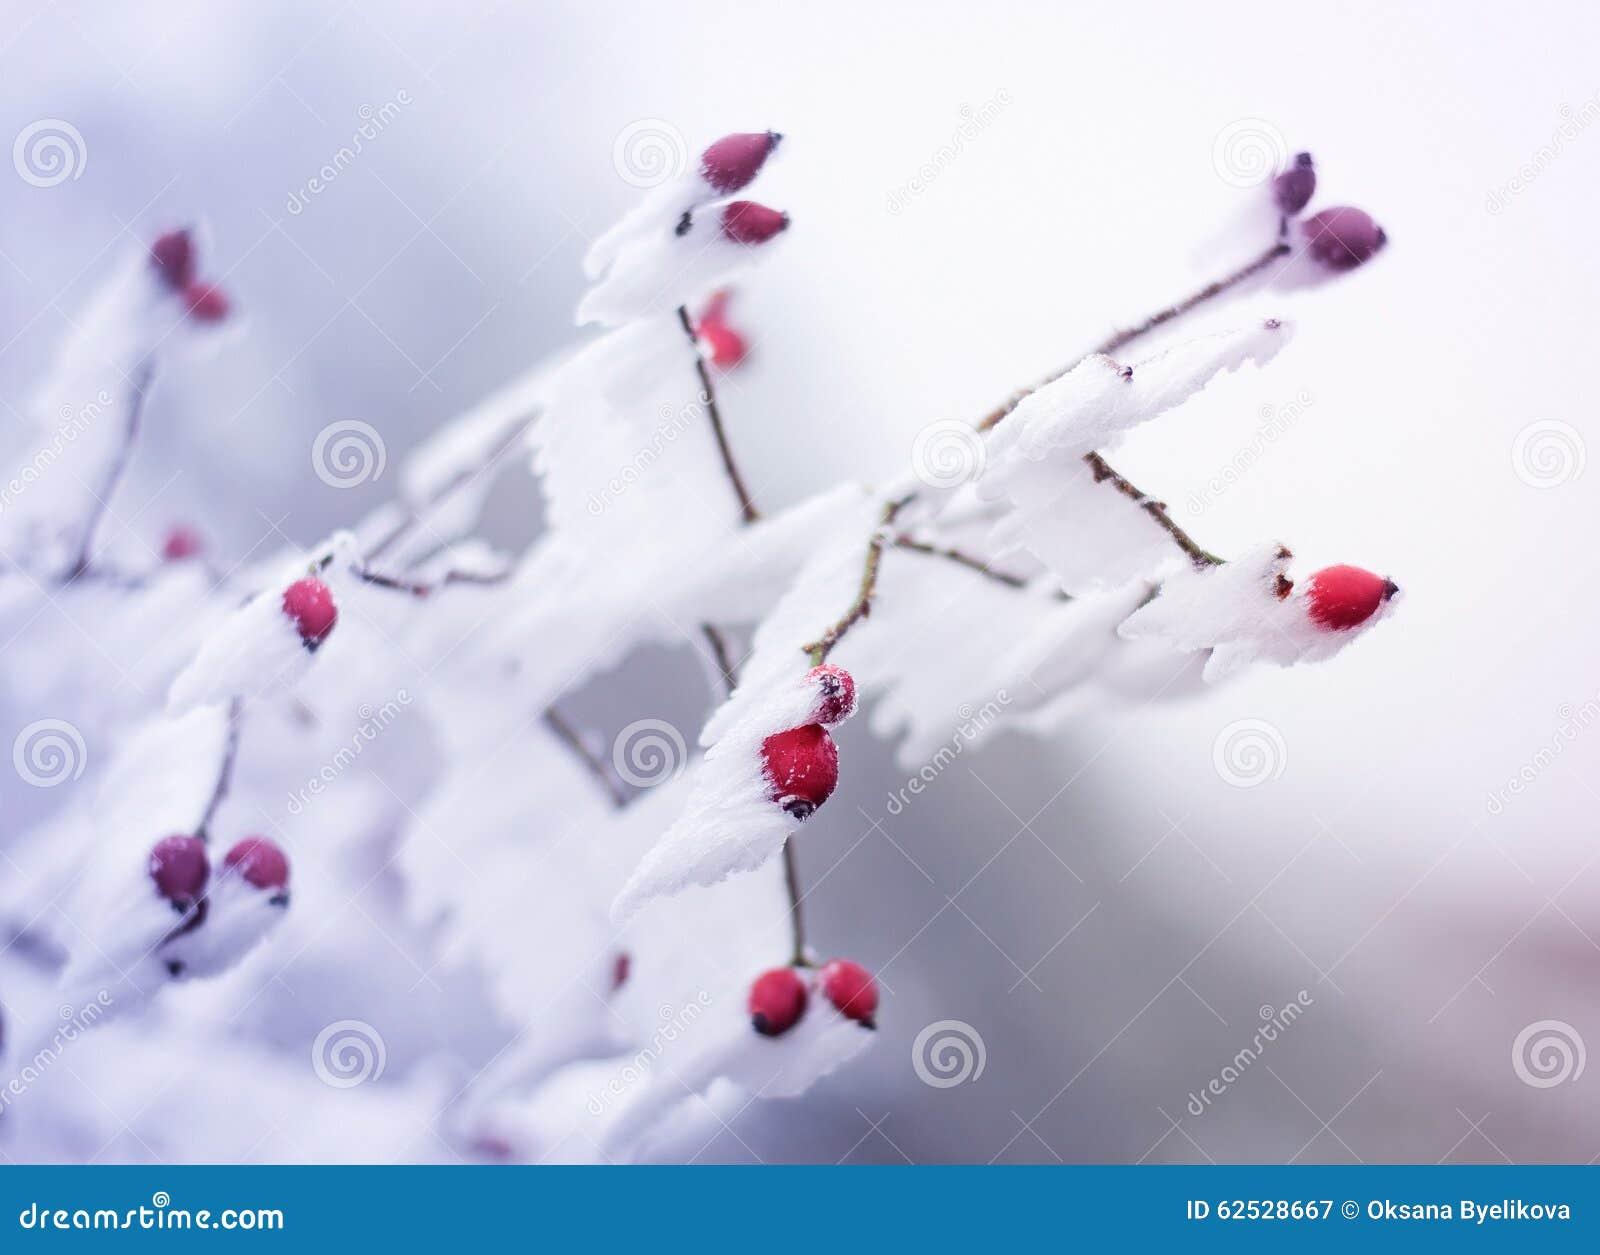 冻结的野蔷薇